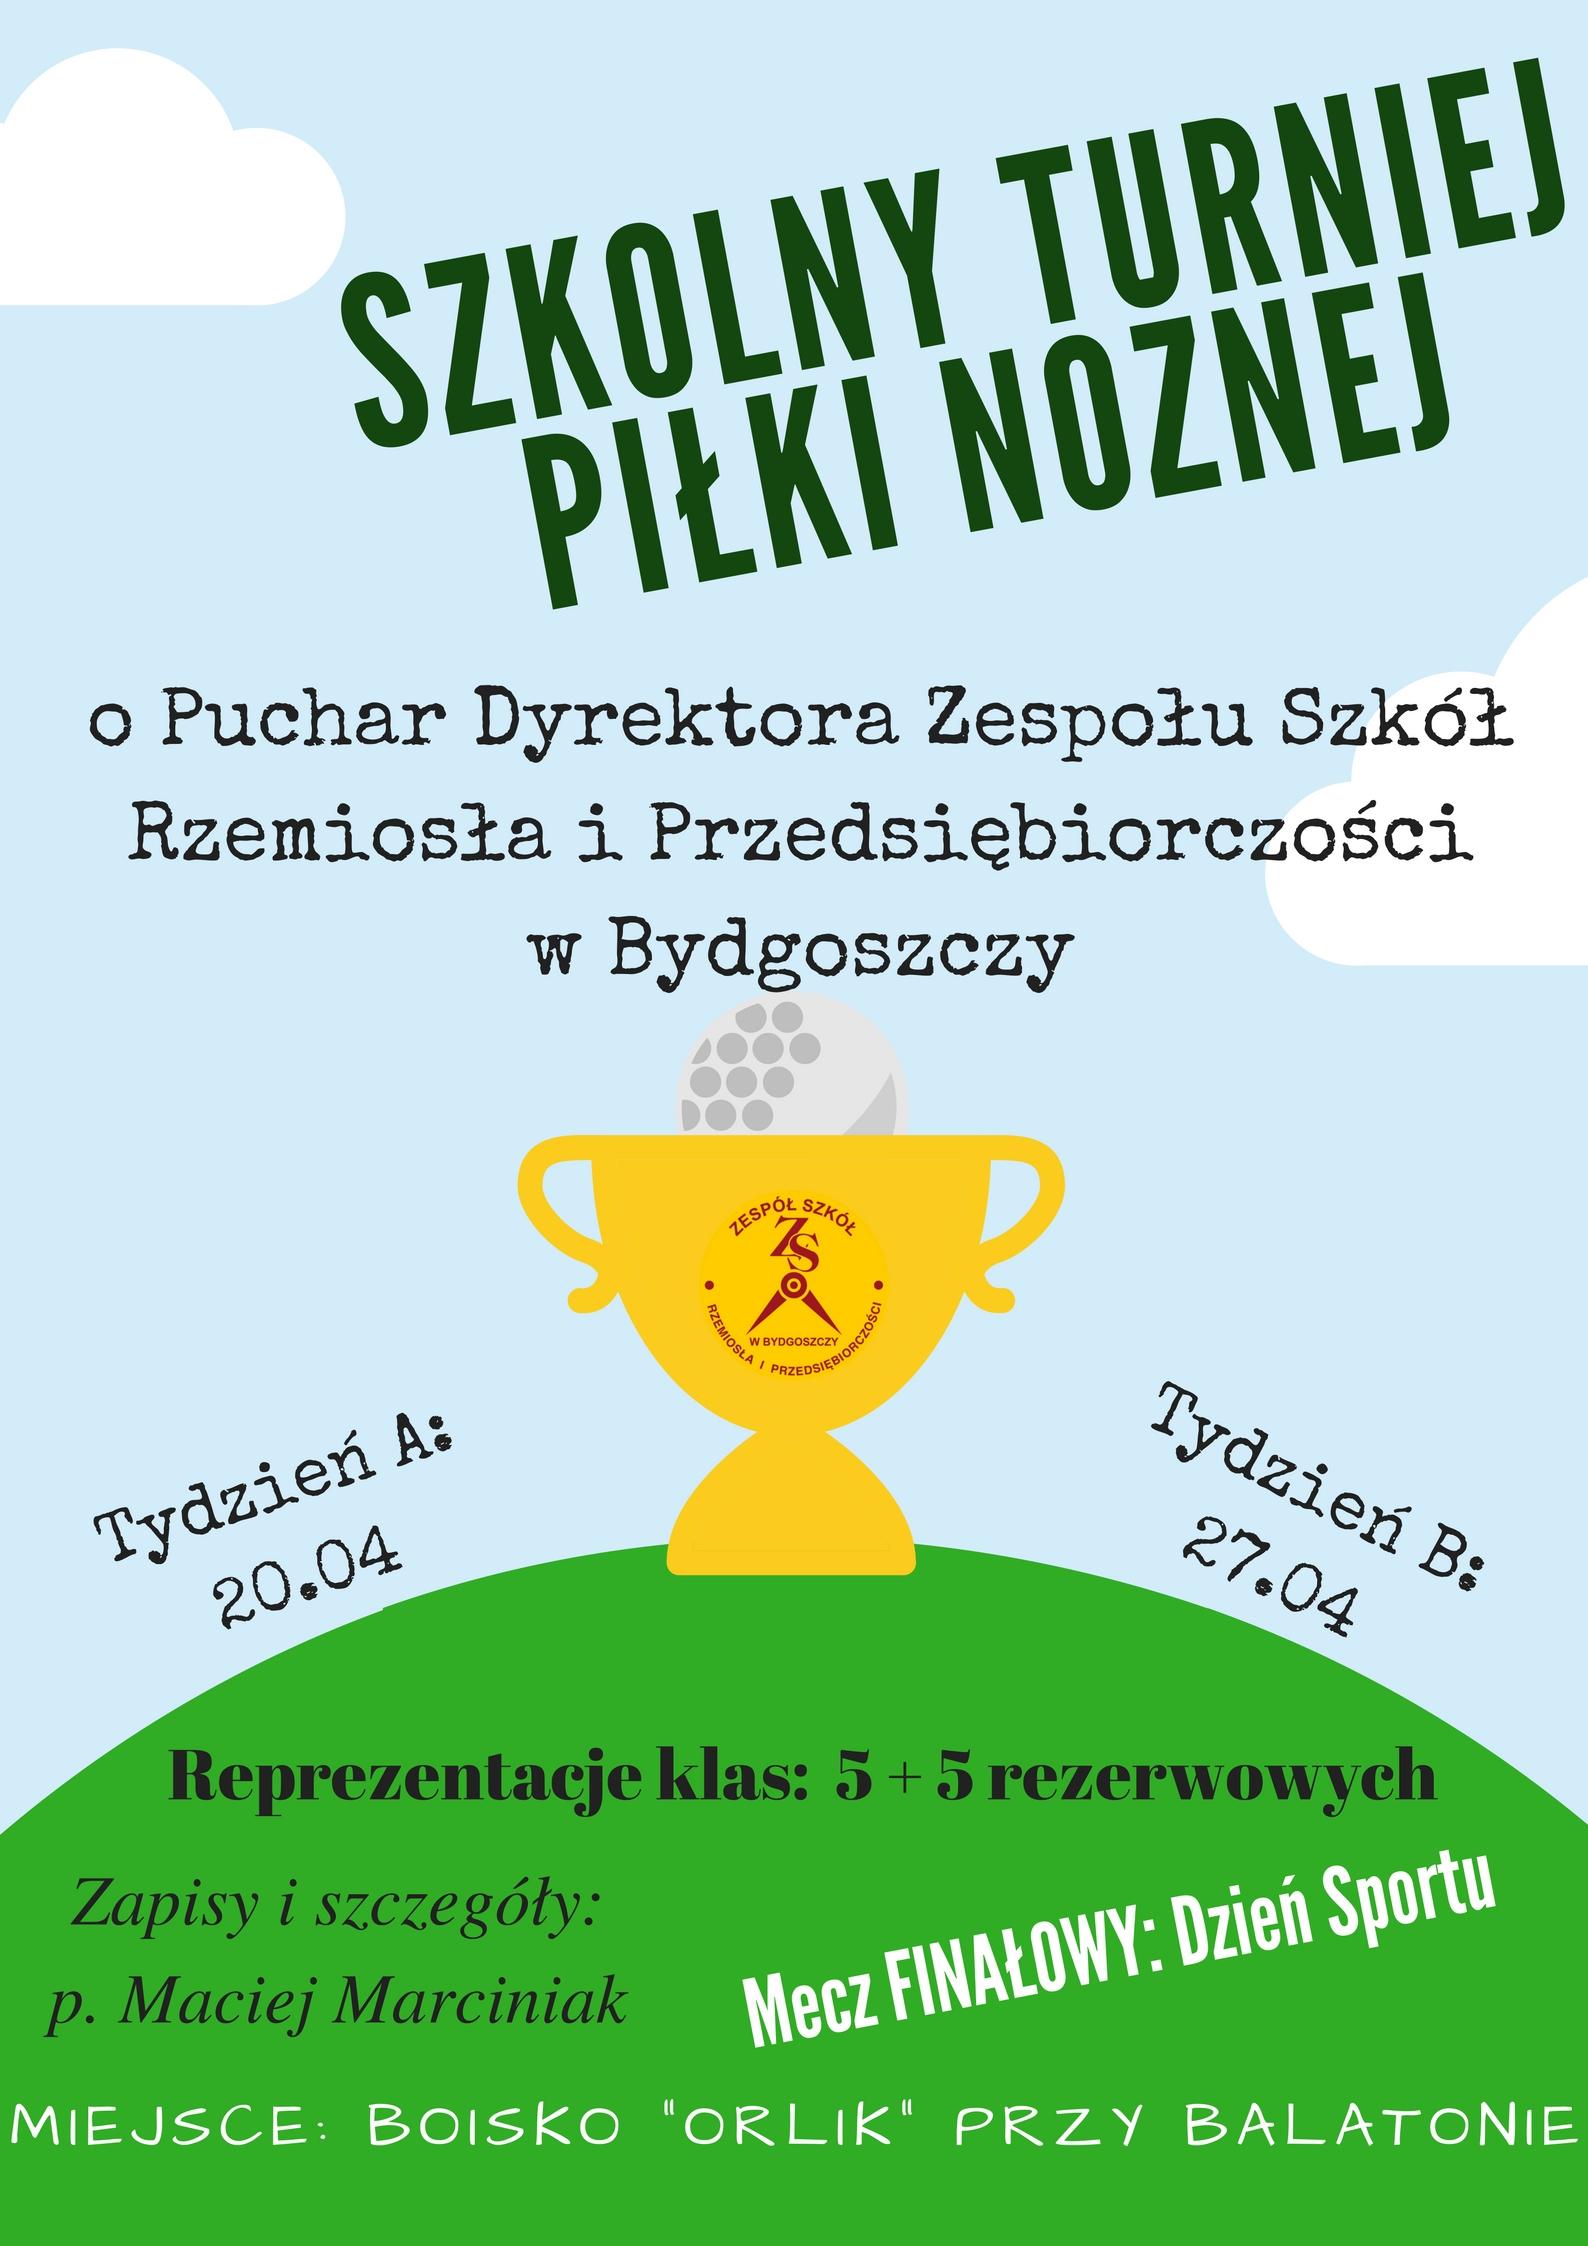 Szkolny Turniej Piłki Nożnej(1)